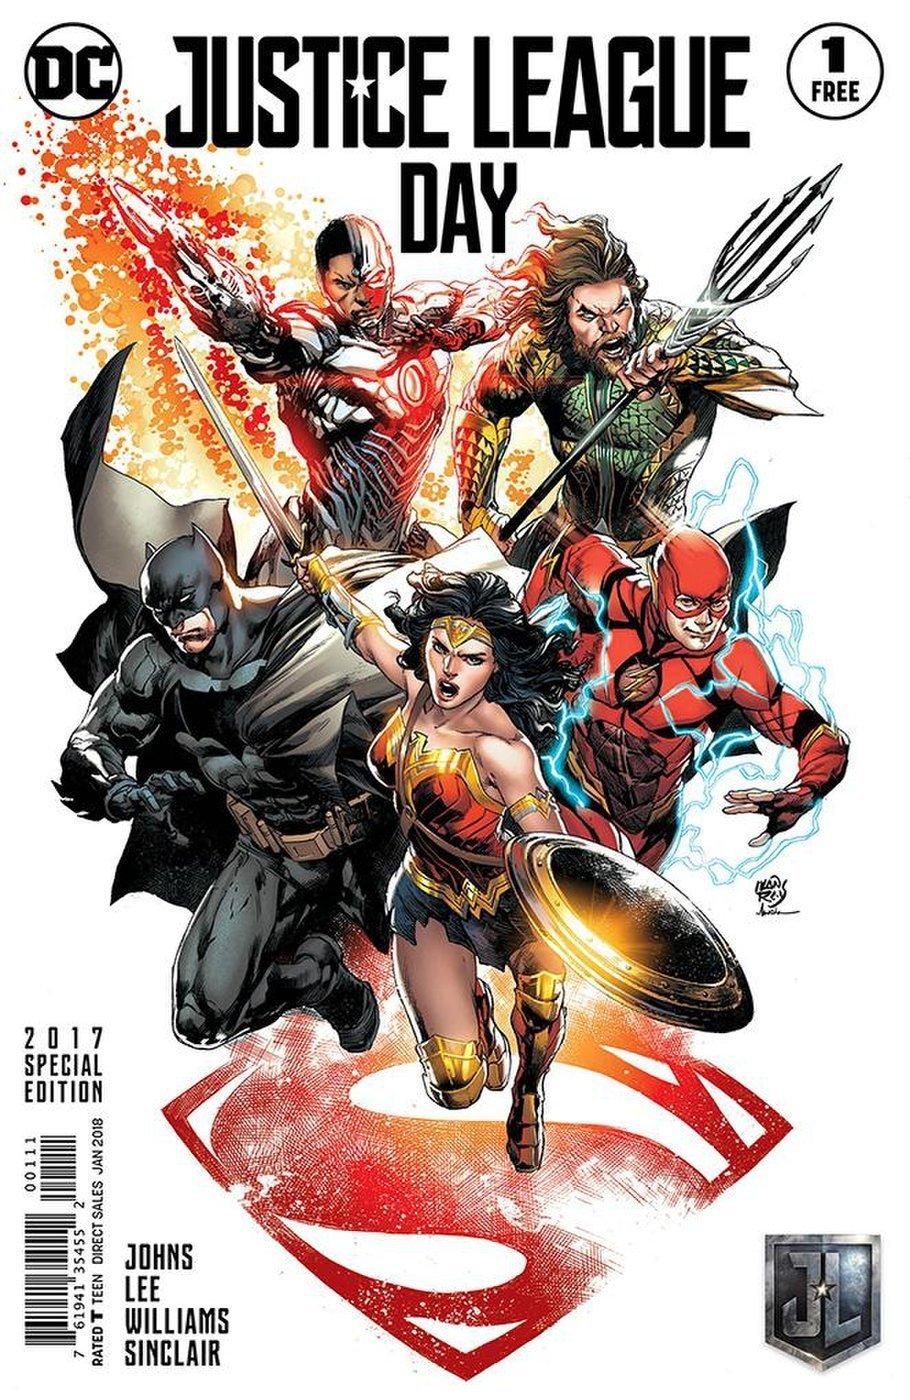 justice league day free comic book ile ilgili görsel sonucu